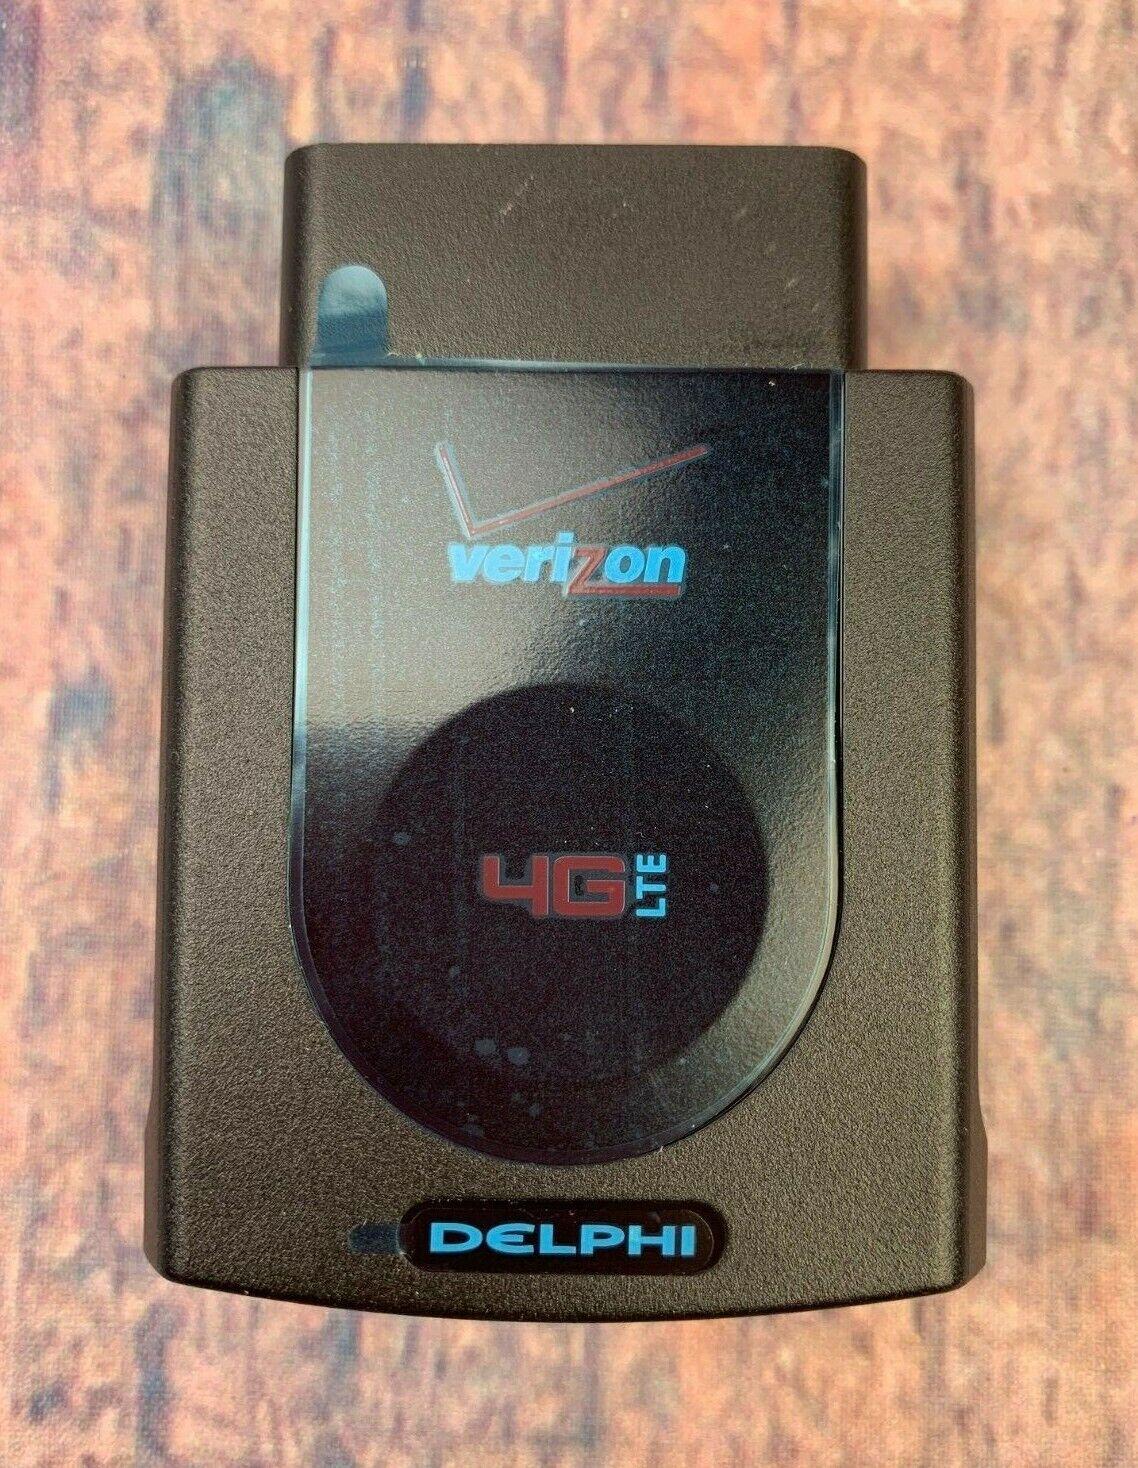 Delphi Connect ACT233 Verizon GPS Mobile Hotspot